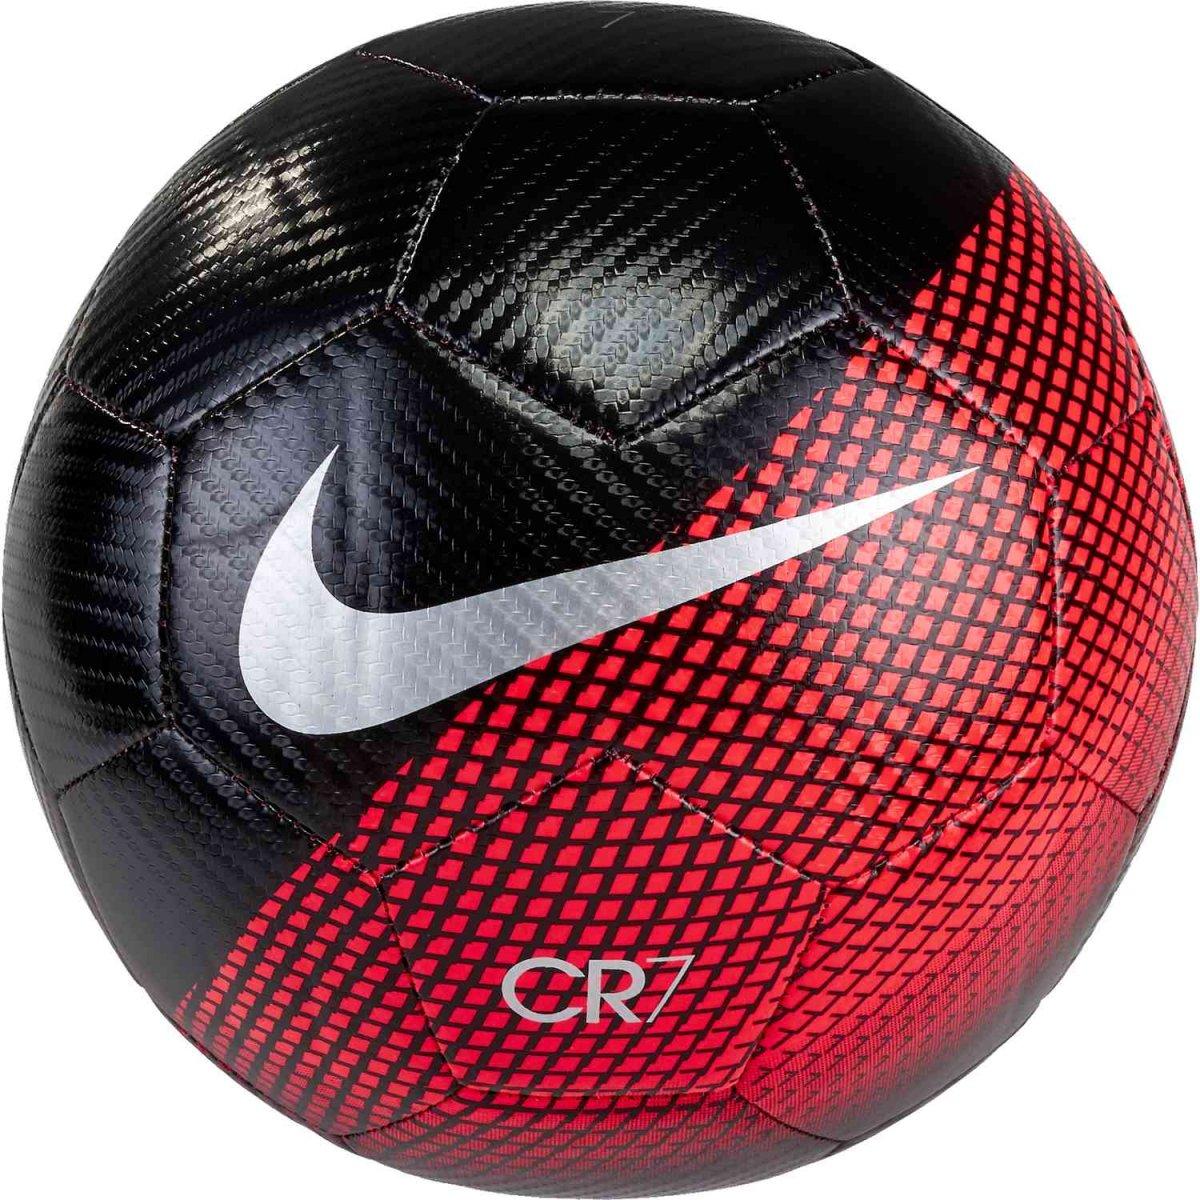 Bola Campo Nike Prestige CR7 Mercurial SC3370-010 - Preto Coral ... cf090c8f41176